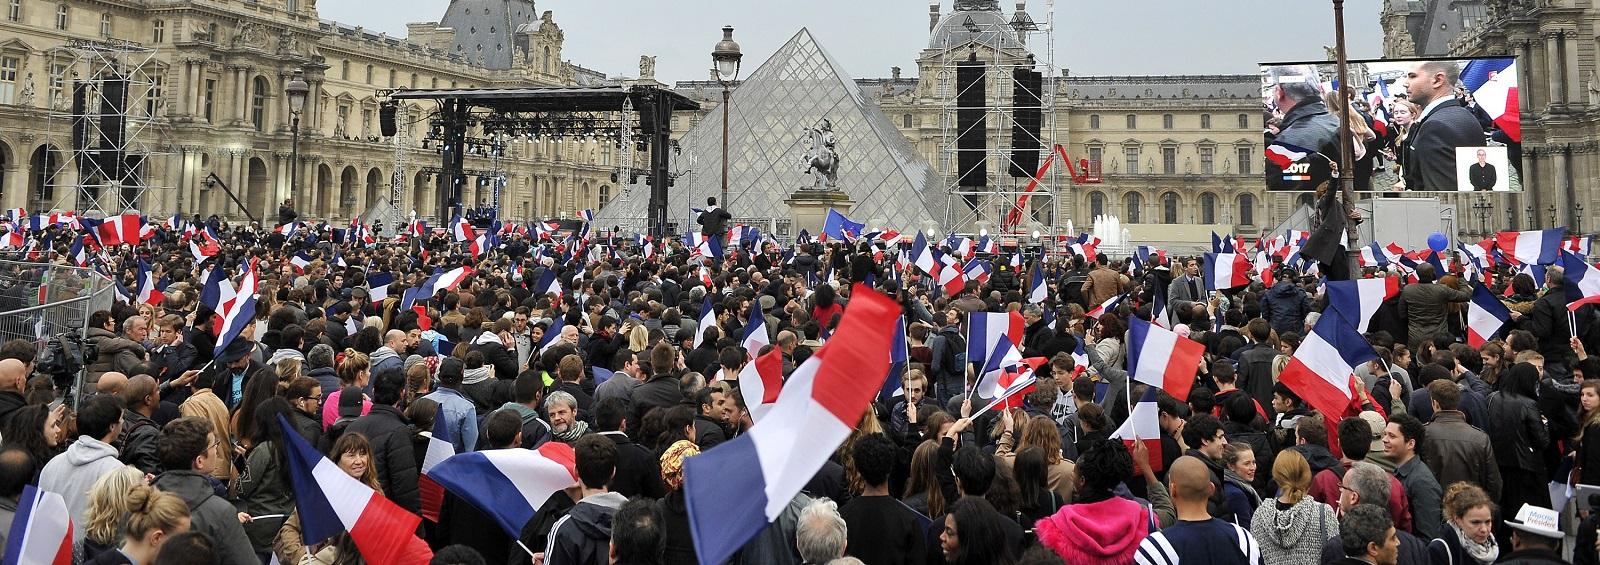 Emmanuel Macron supporters outside the Louvre, Paris on Sunday evening (Photo: Aurelien Meunier/Getty)